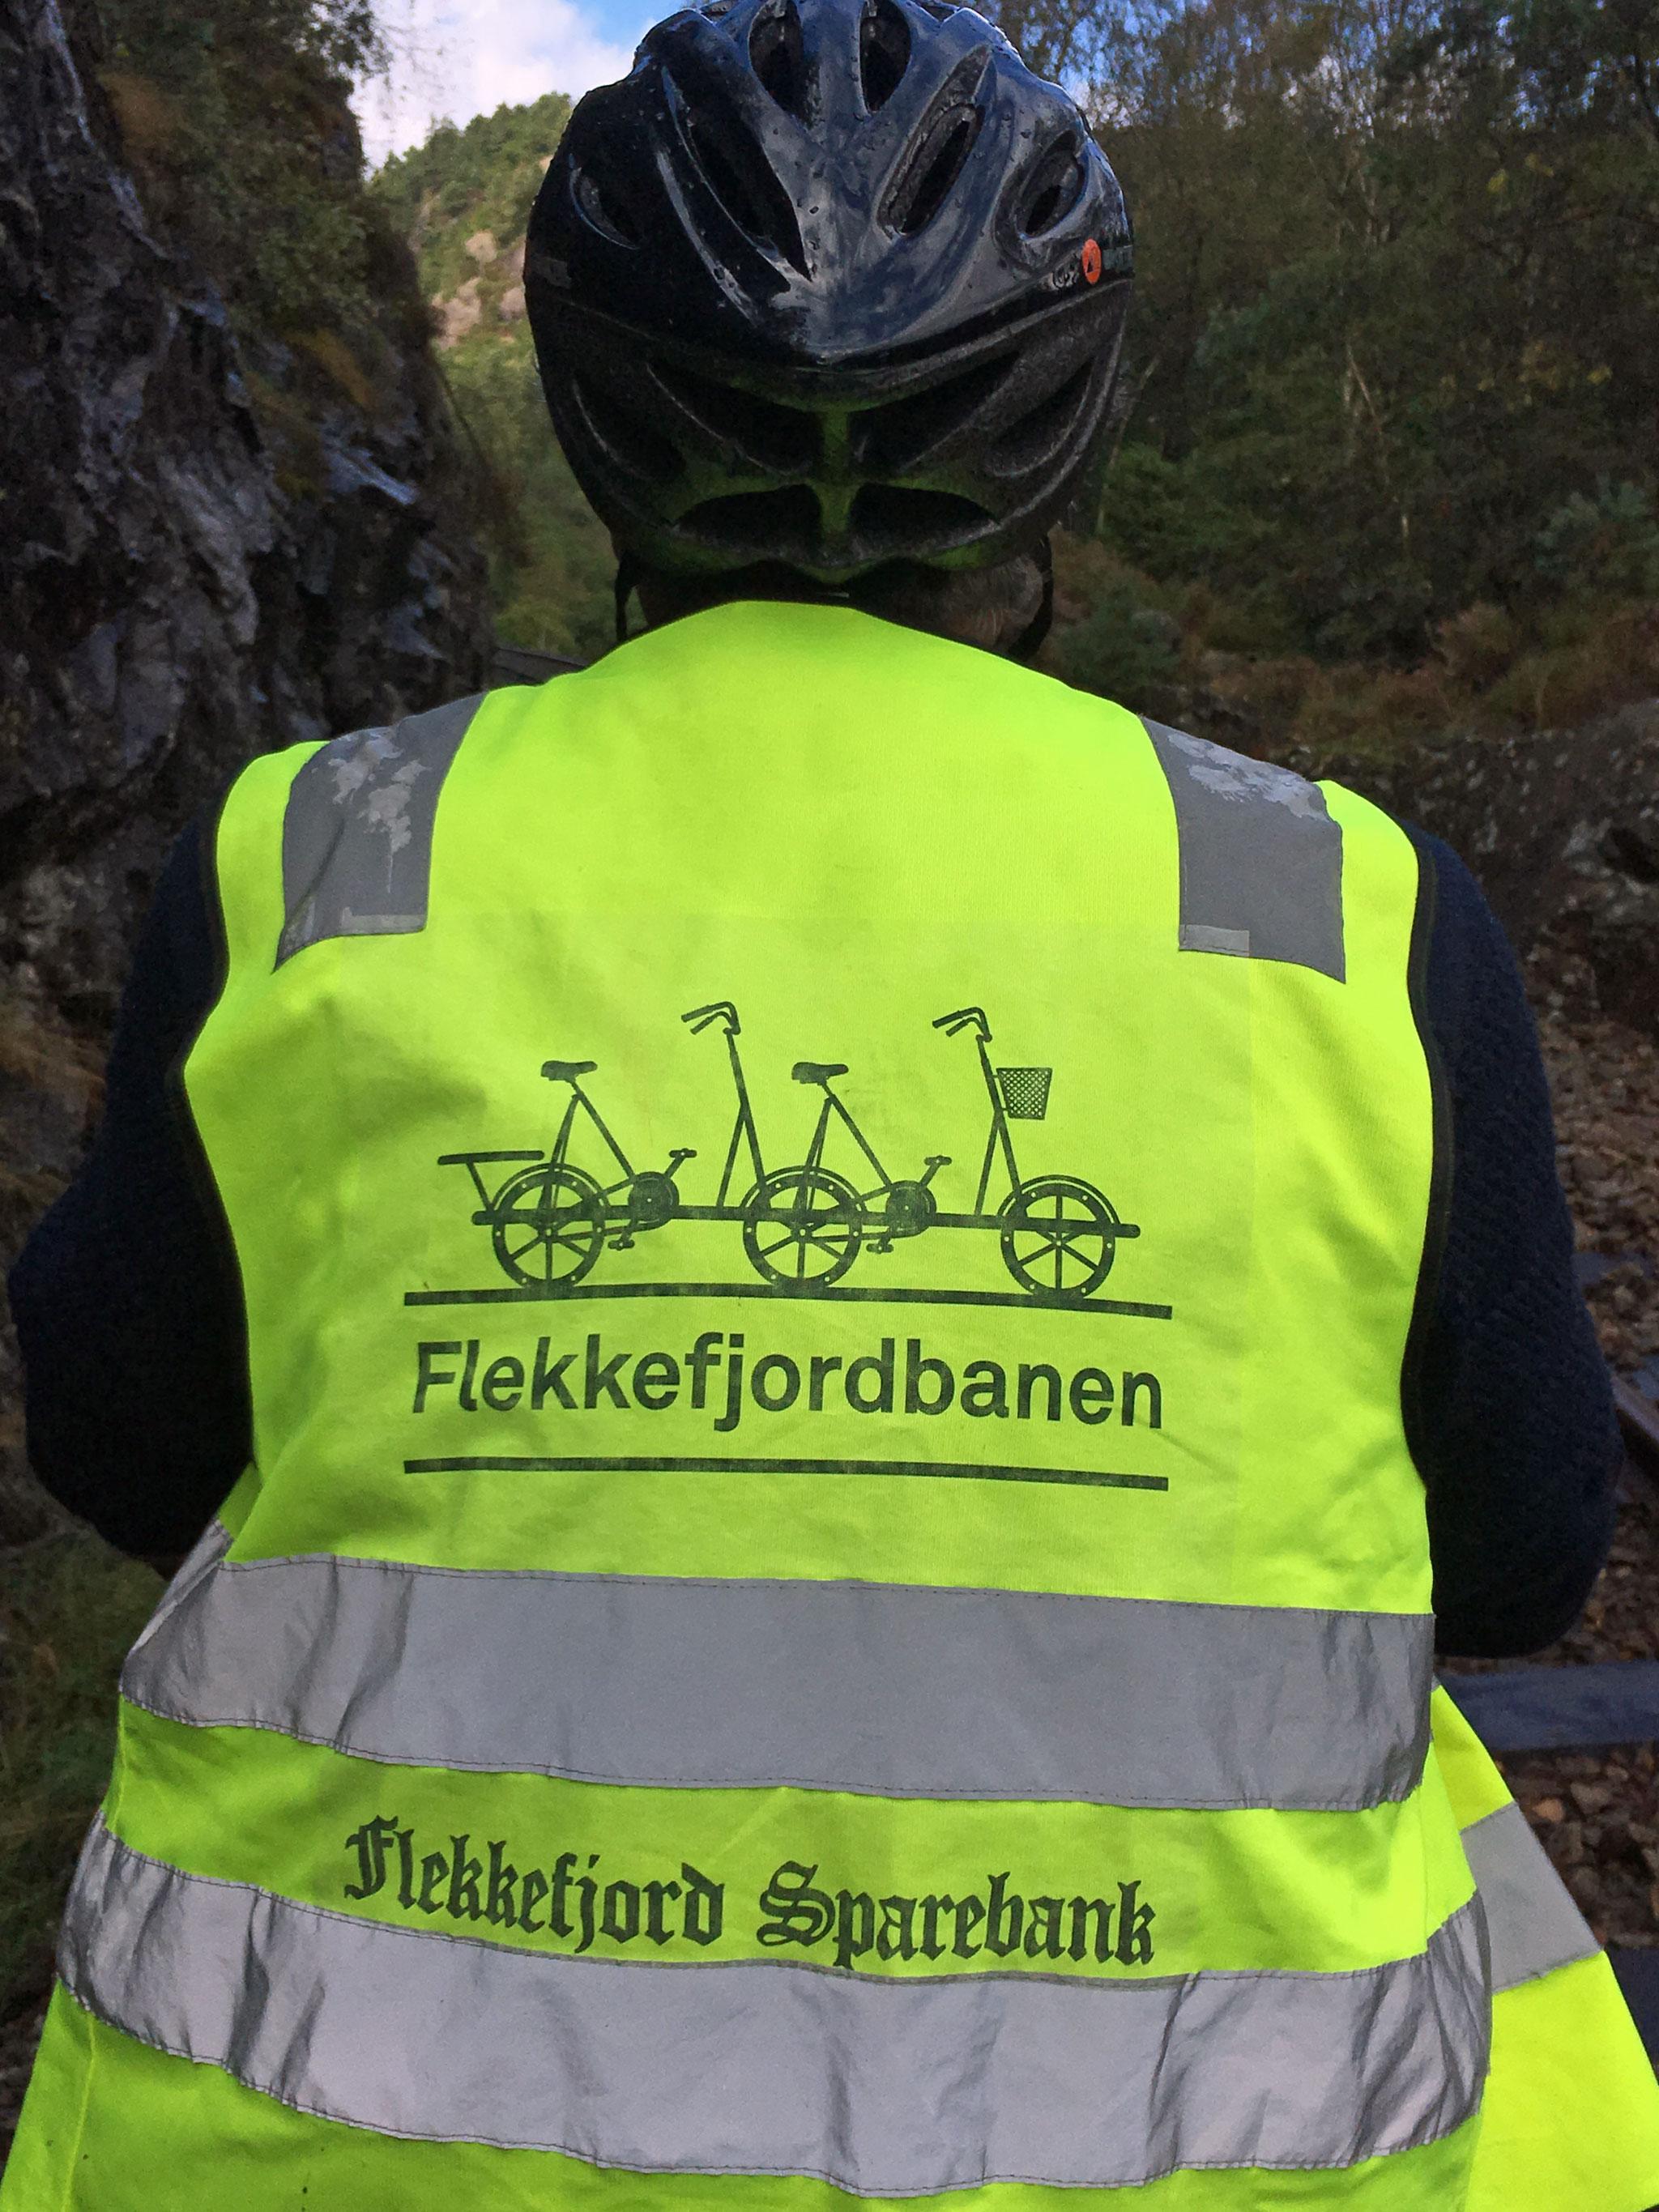 Sikkerhedsveste og cykelhjelm var påbudt